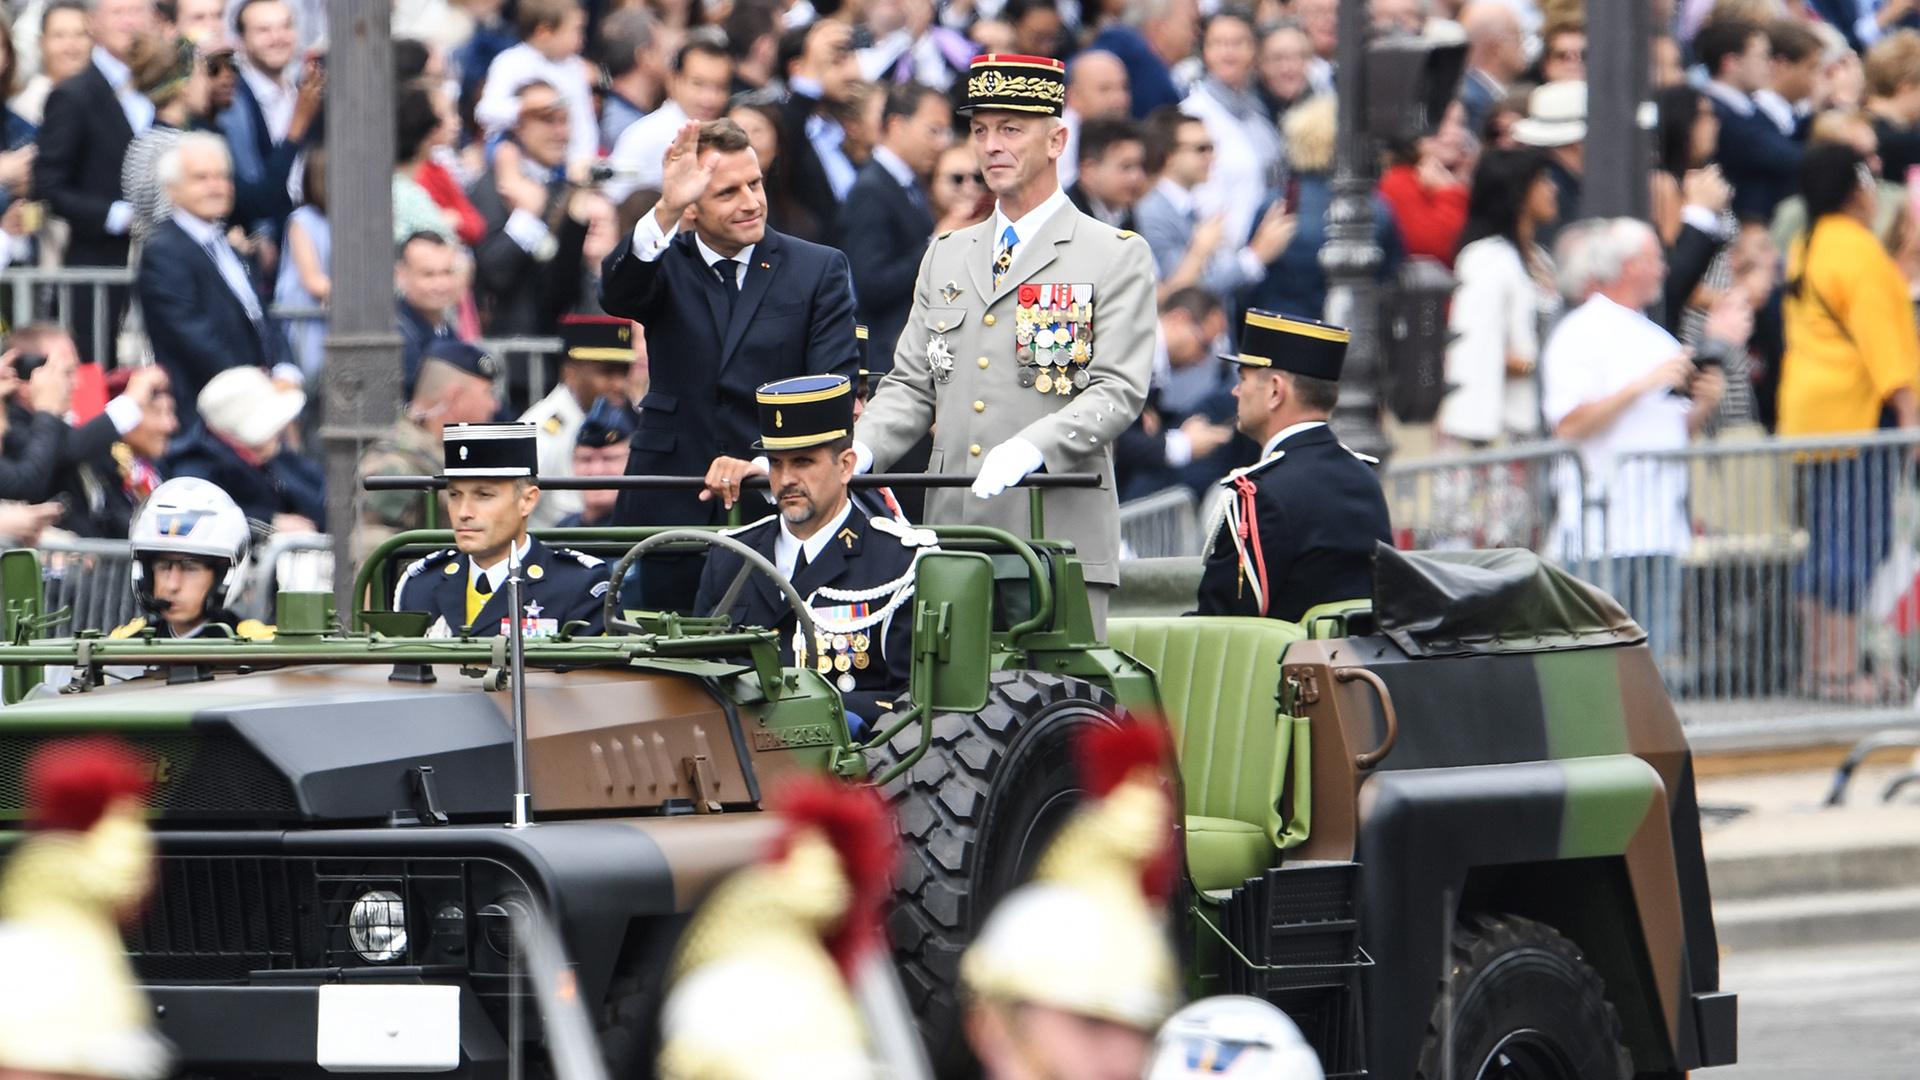 Emmanuel Macron, presidente de Francia, saludando a las tropas y acompañado por el jefe del Estado Mayor francés, Francois Lecointre (AFP)